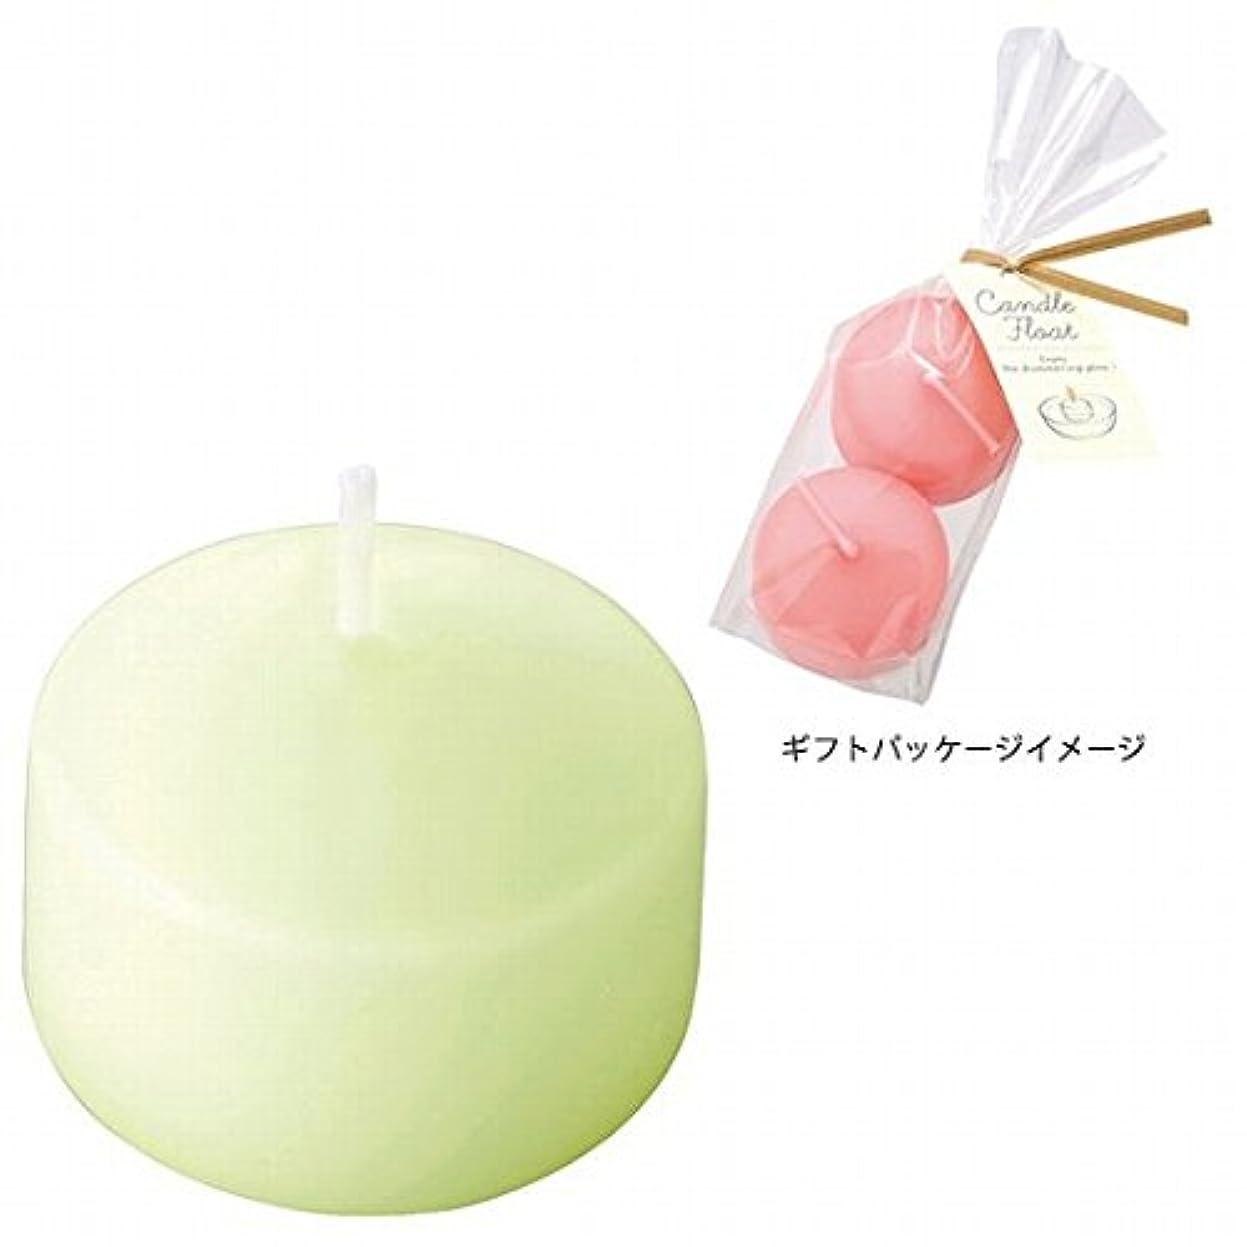 ジャンピングジャックトレース手のひらカメヤマキャンドル(kameyama candle) ハッピープール(2個入り) キャンドル 「ホワイトグリーン」